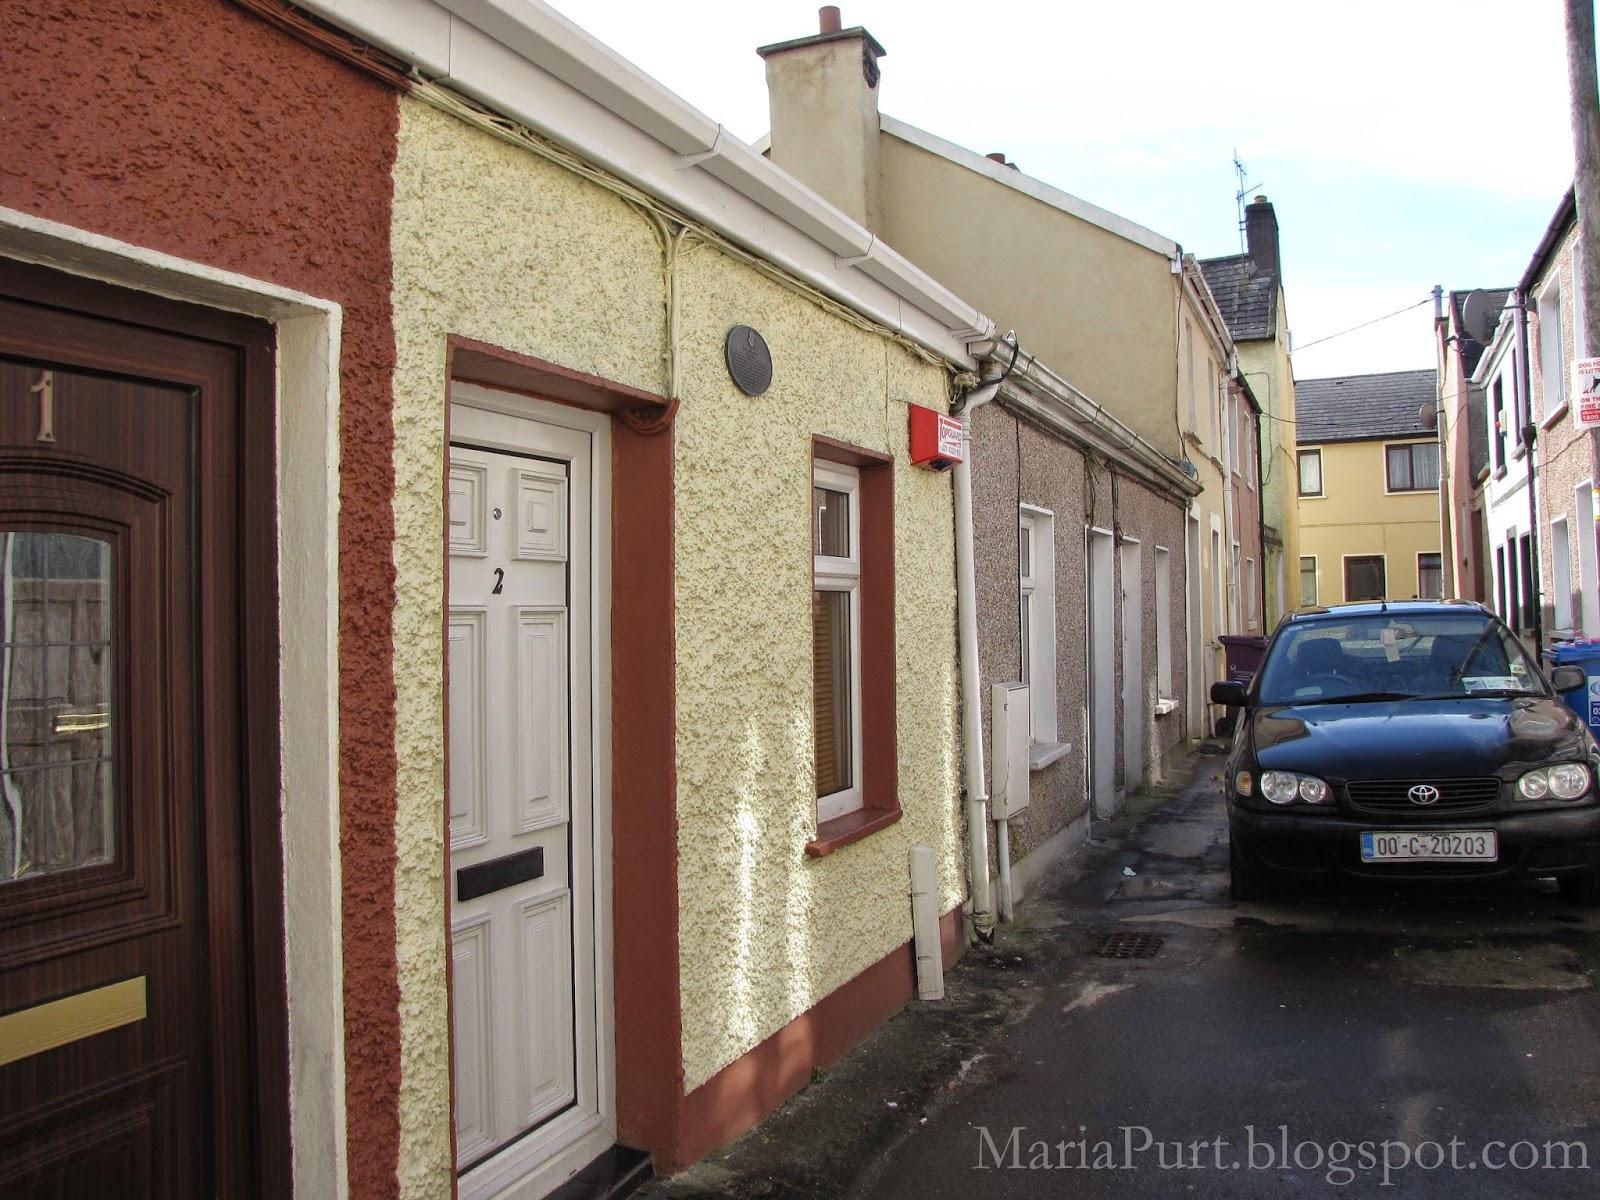 Домик первой ирландской иммигрантки в США, Корк, Ирландия